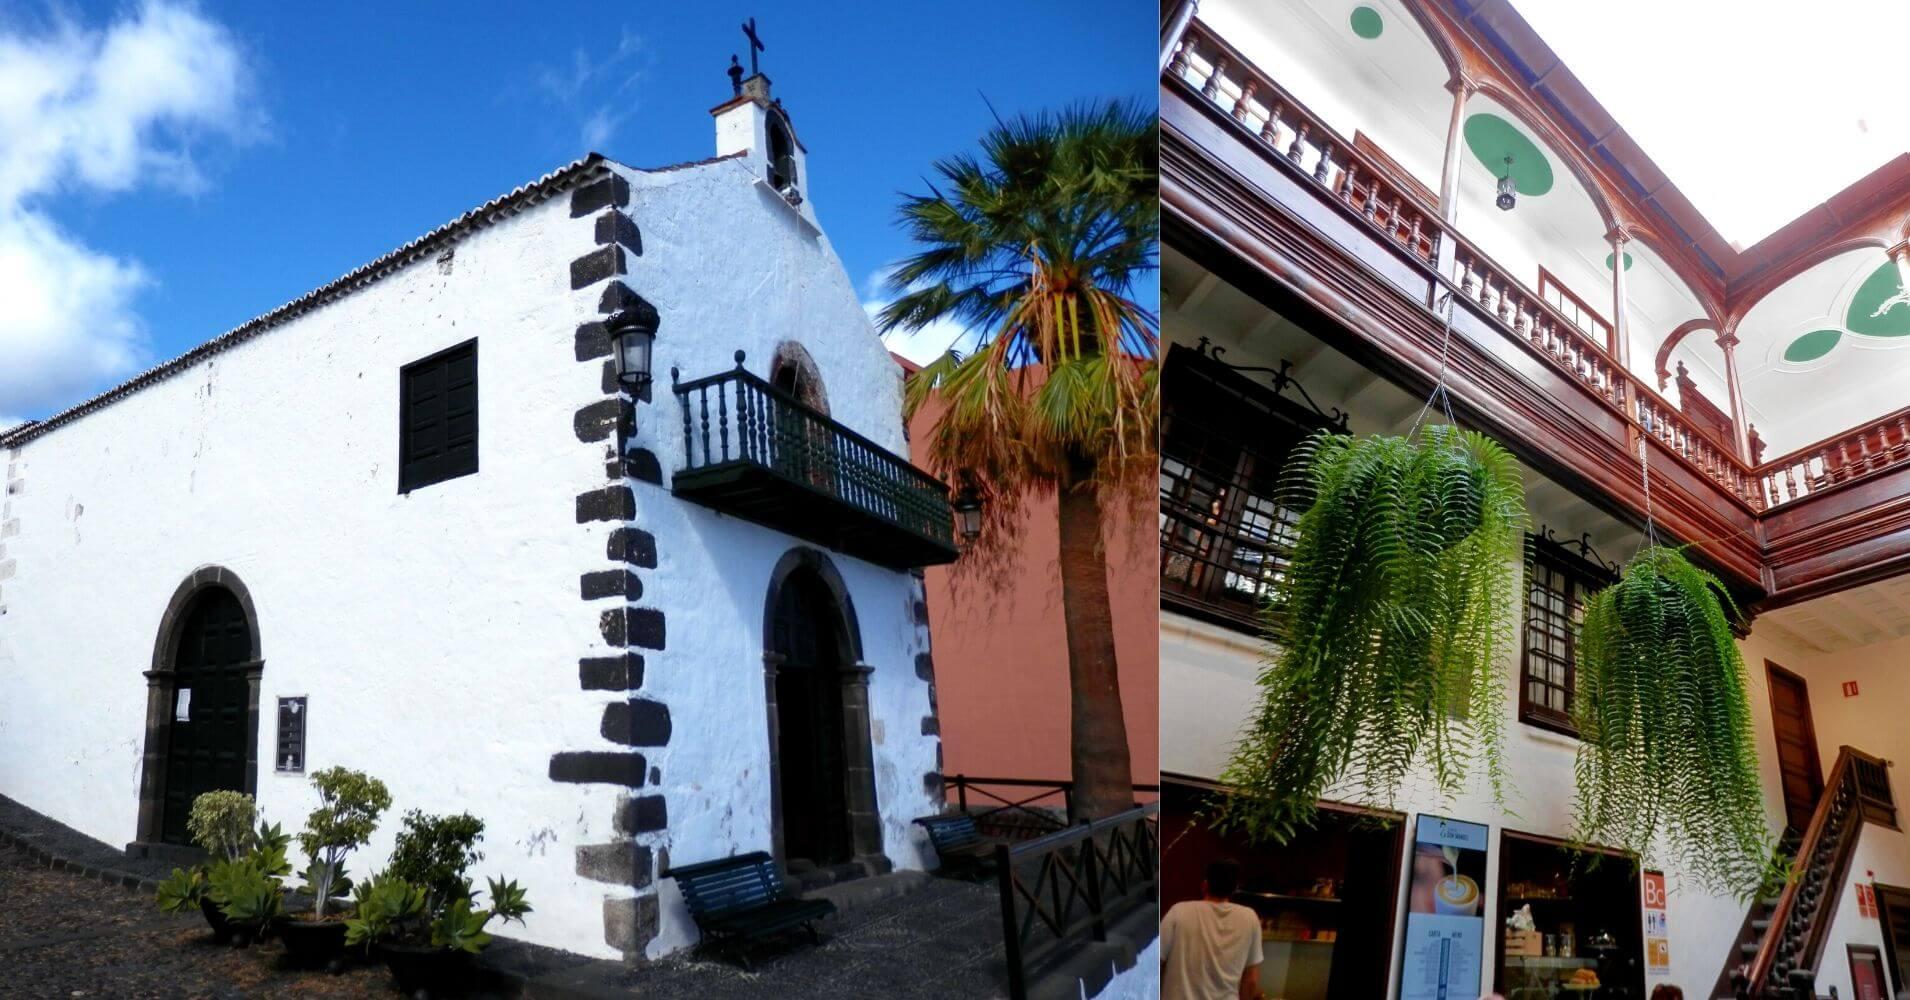 Ermita de San Telmo y Casa José Cabrera Martín. Sociedad Cosmologica. La Palma a Ritmo Lento. Santa Cruz de La Palma. Islas Canarias.